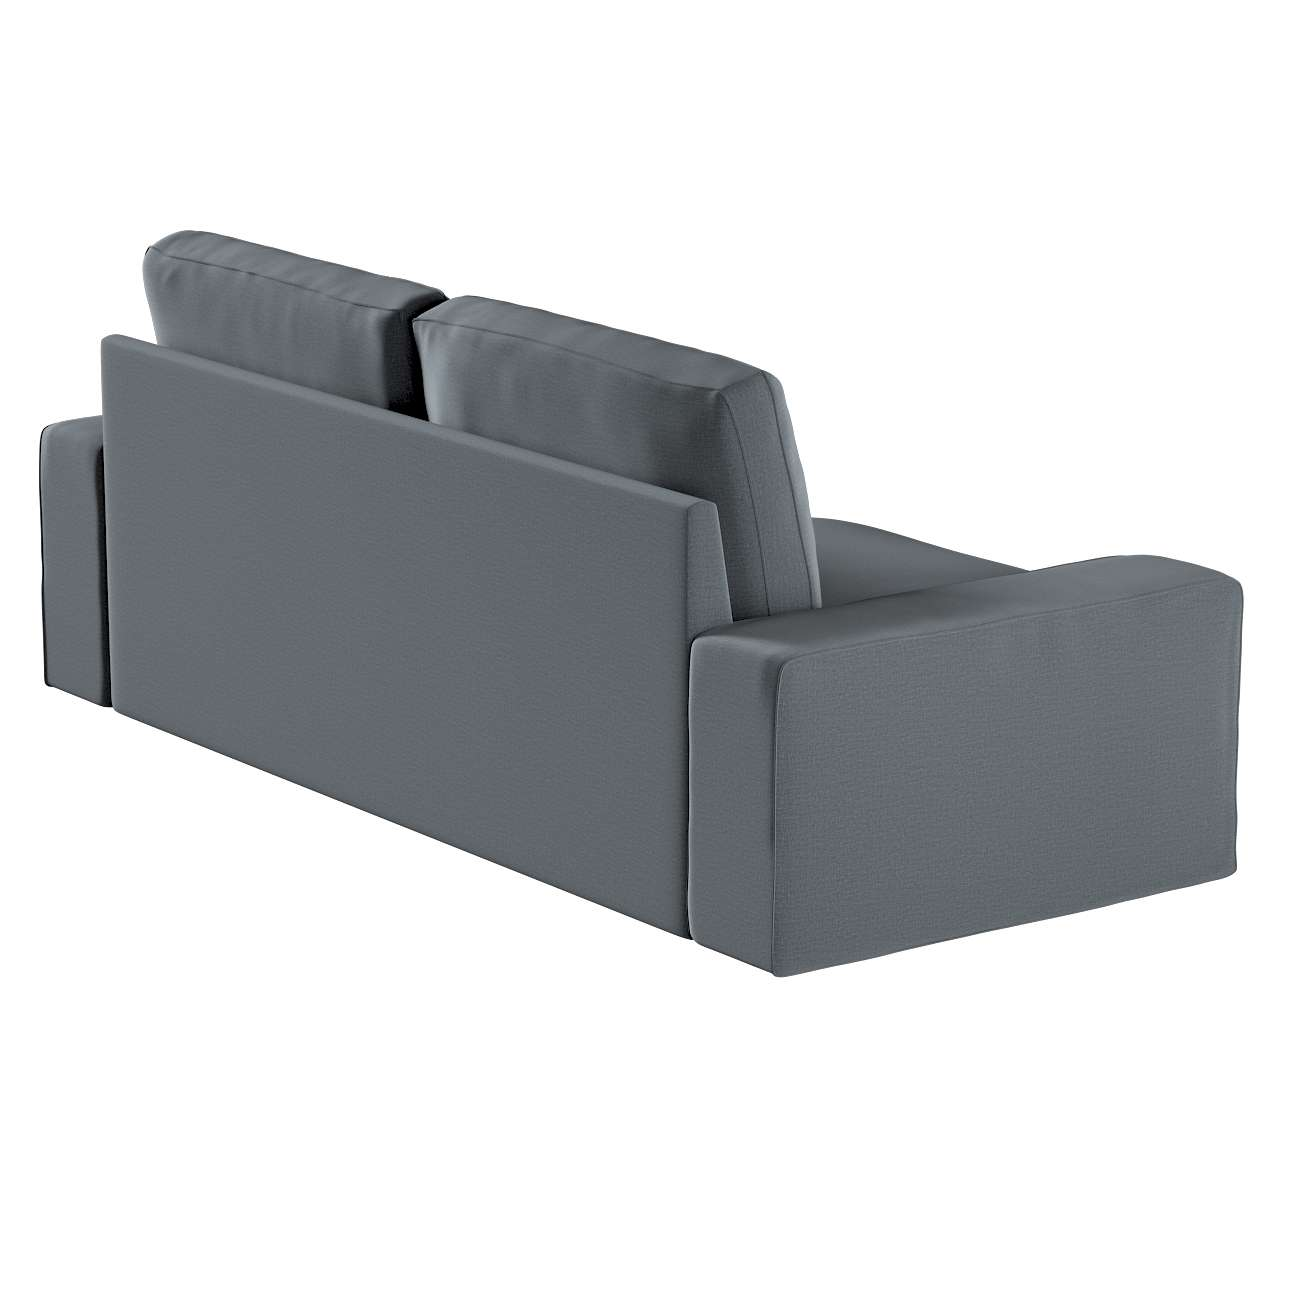 Pokrowiec na sofę Kivik 3-osobową, nierozkładaną w kolekcji Ingrid, tkanina: 705-43